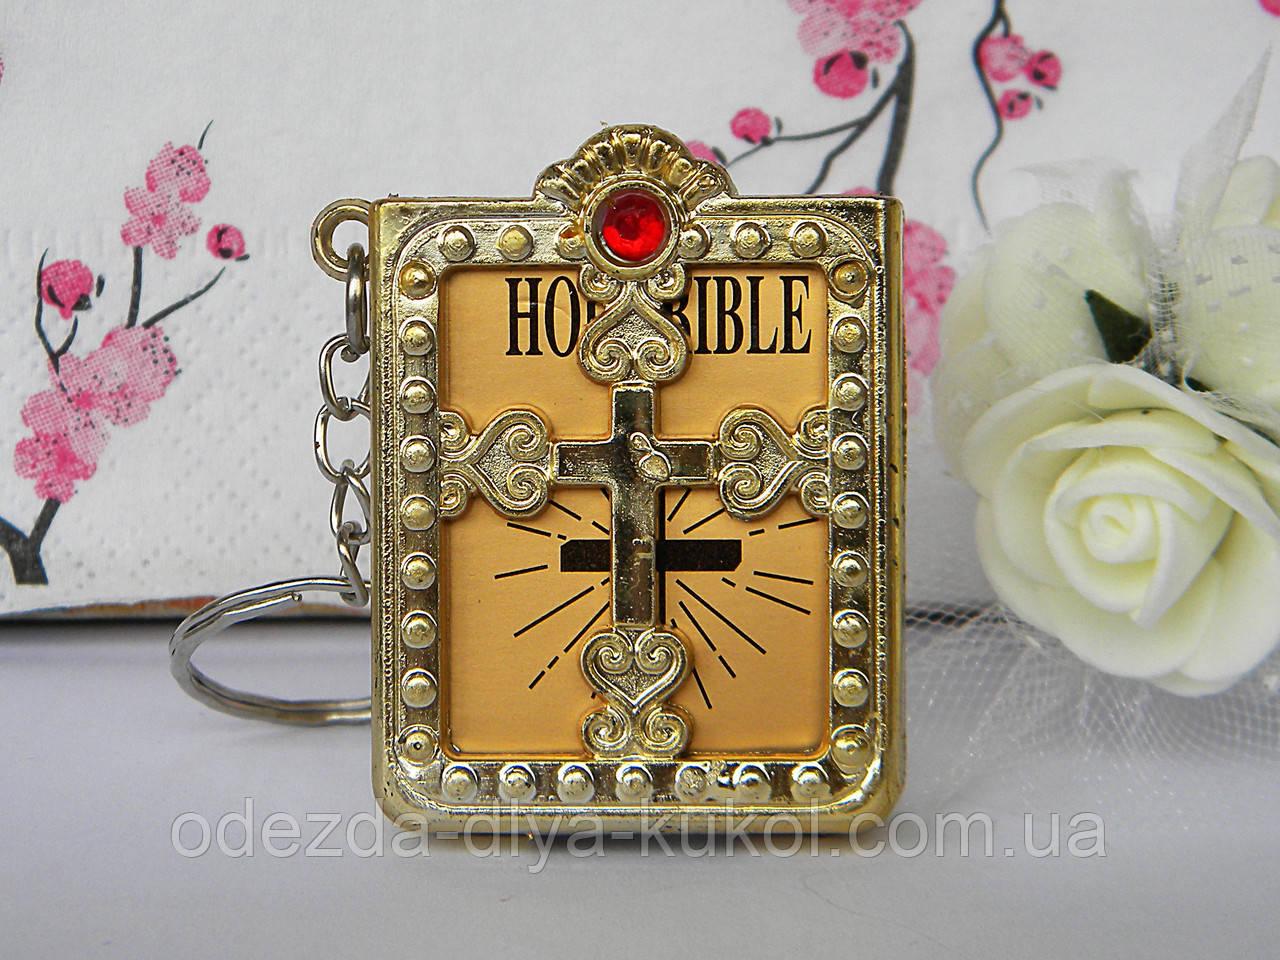 Мини библия золотая (аксессуары для кукол)